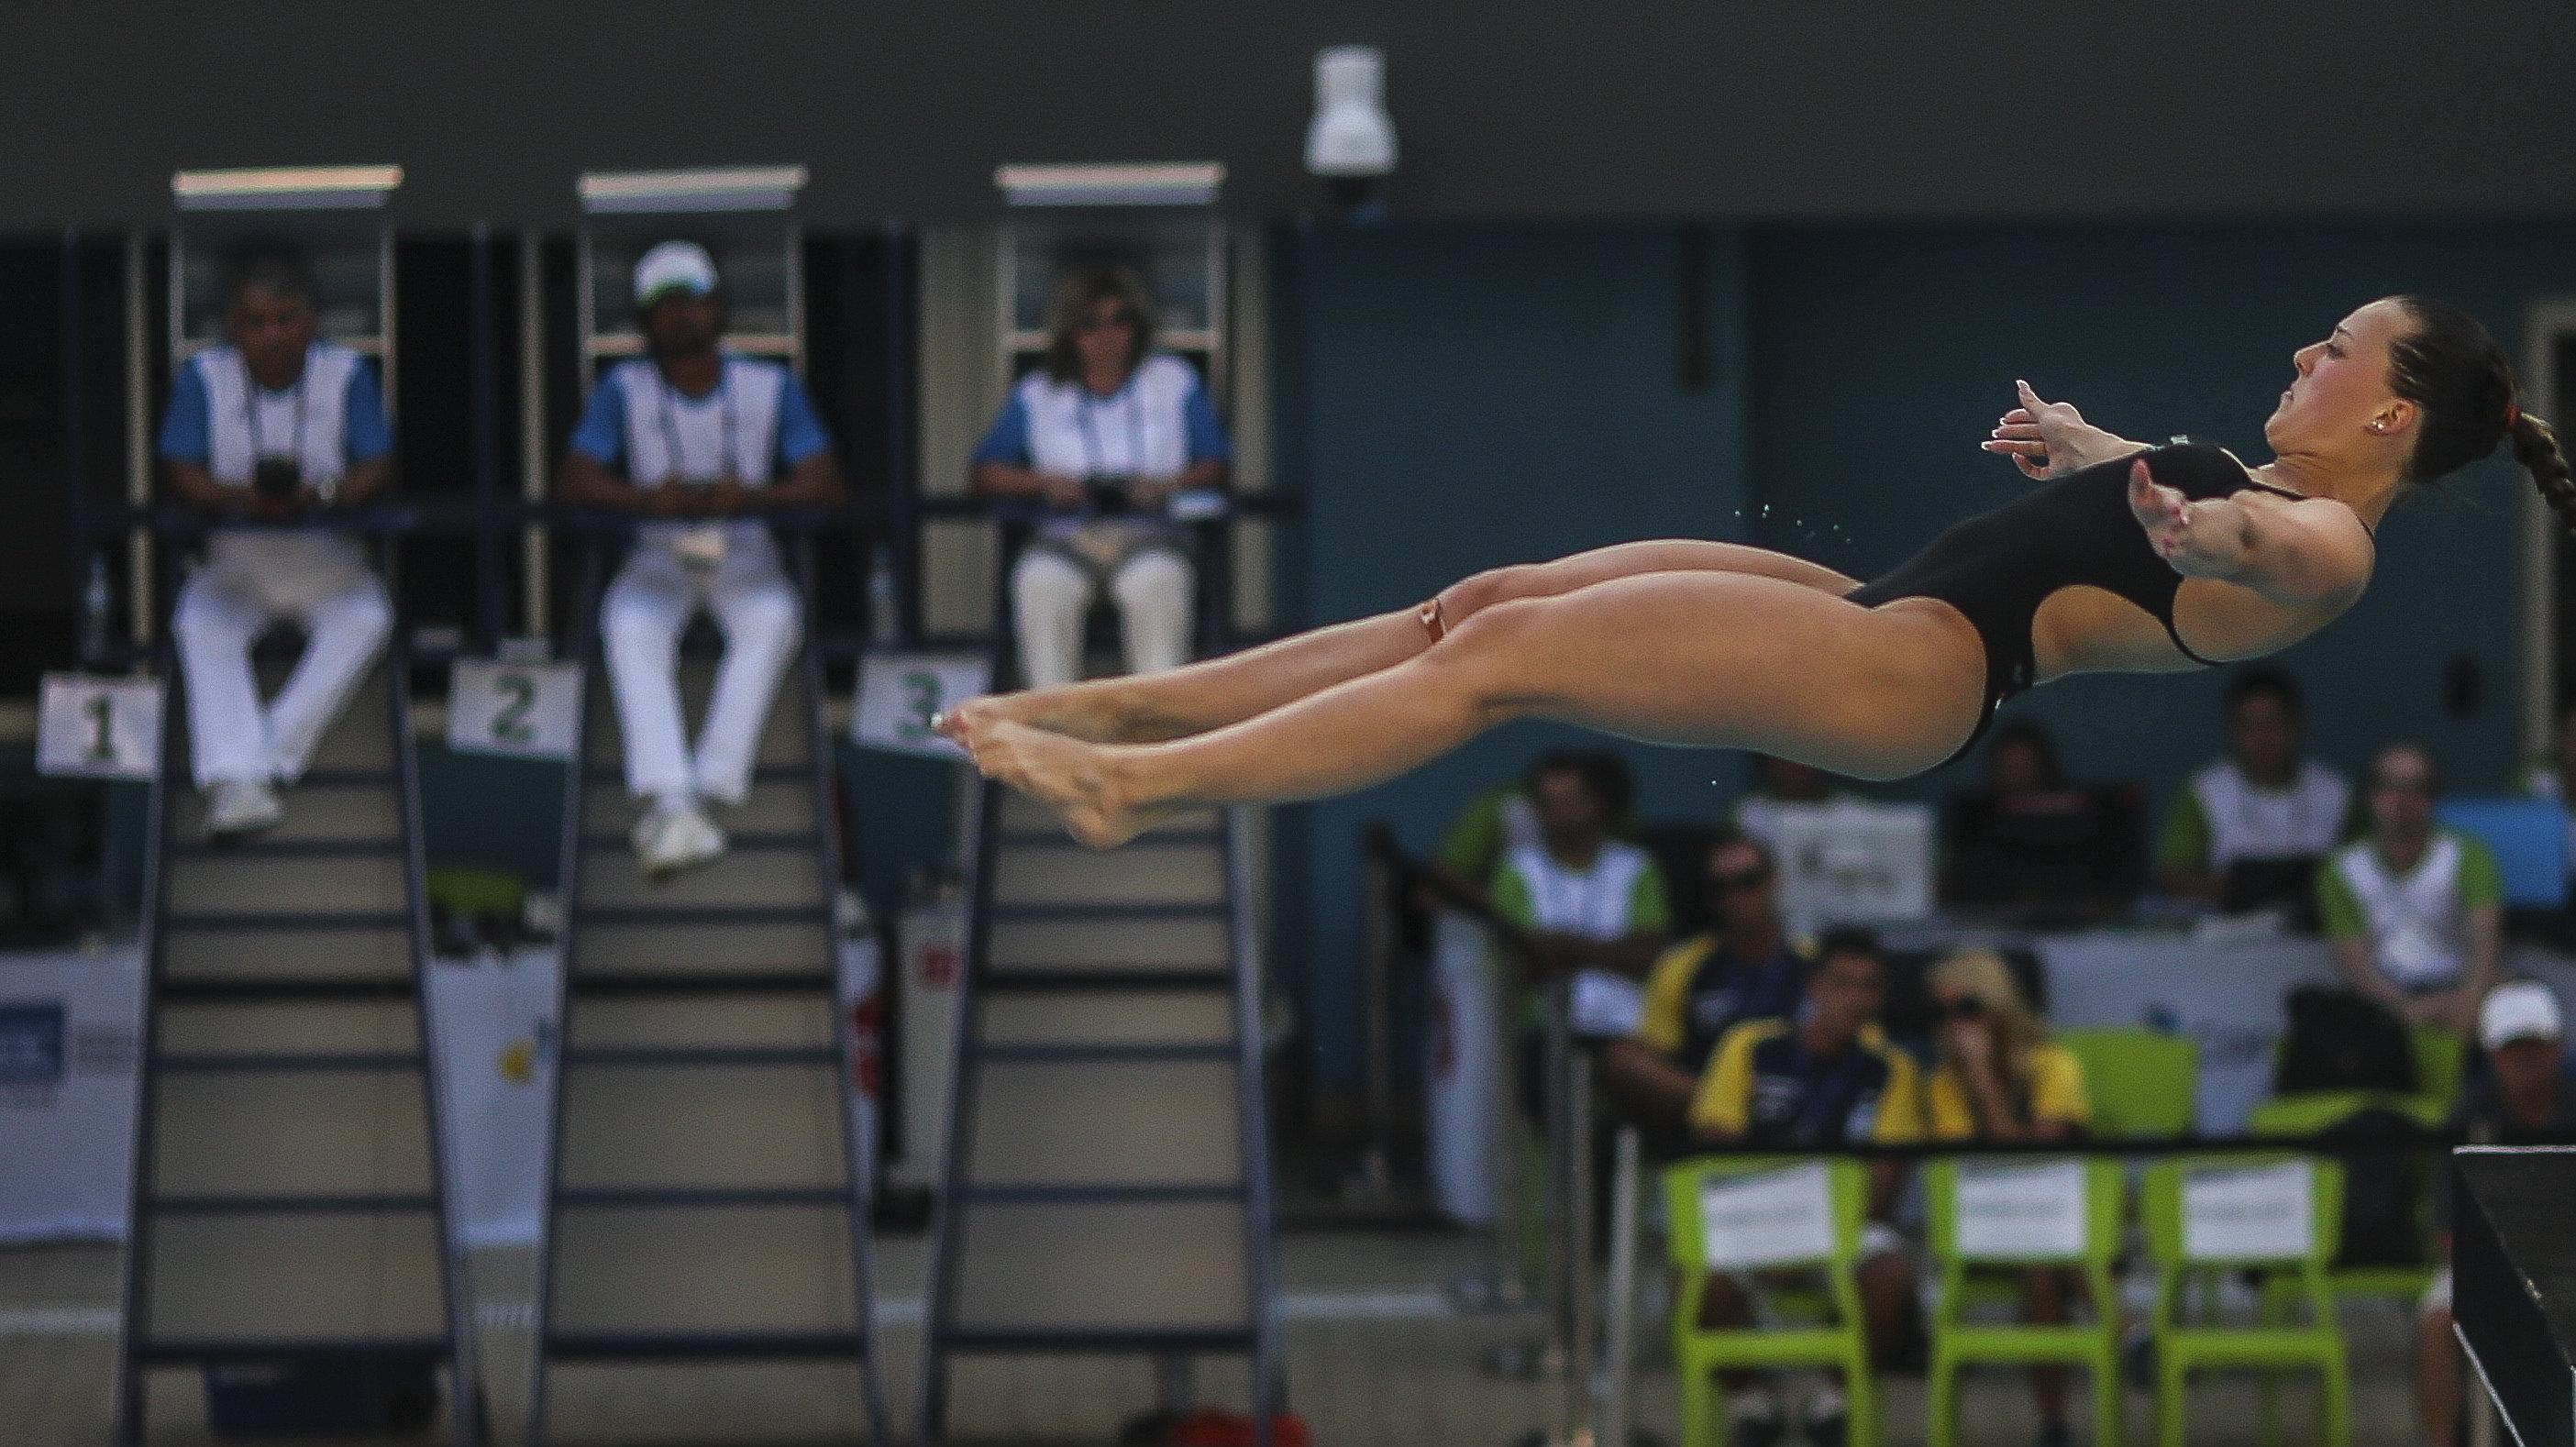 La holandesa Inge Jansen en la Competencia de Saltos Ornamentales de Río de Janeiro.